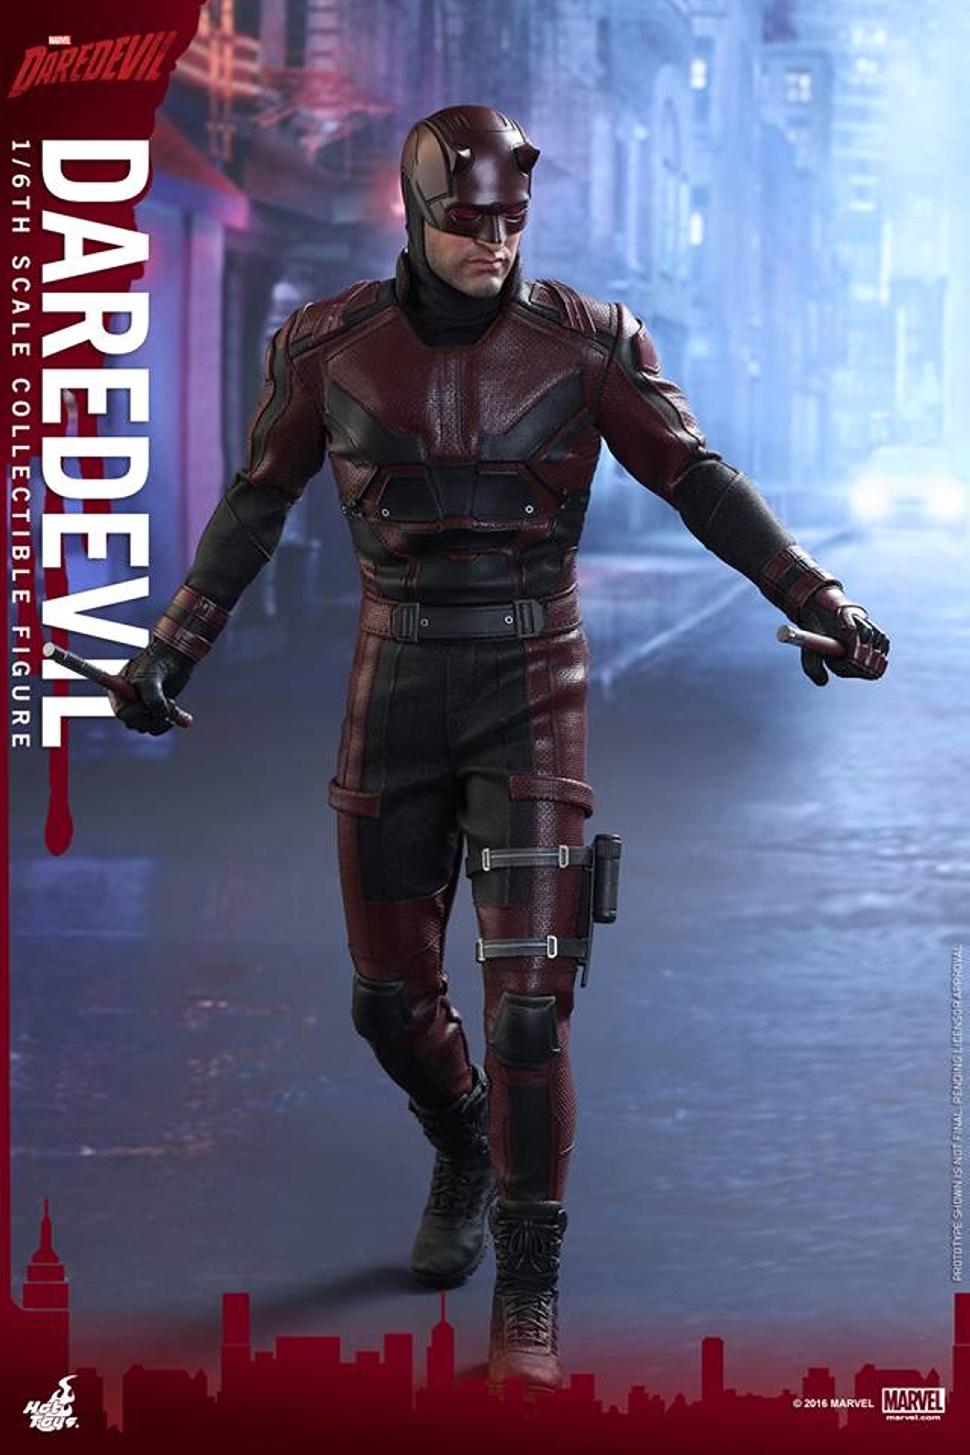 Hot Toys《夜魔俠》Marvel's Daredevil 系列「夜魔俠」Daredevil 1/6 人偶正式登場! - Toys Zone D 玩具兄弟 -Figures Price List ...